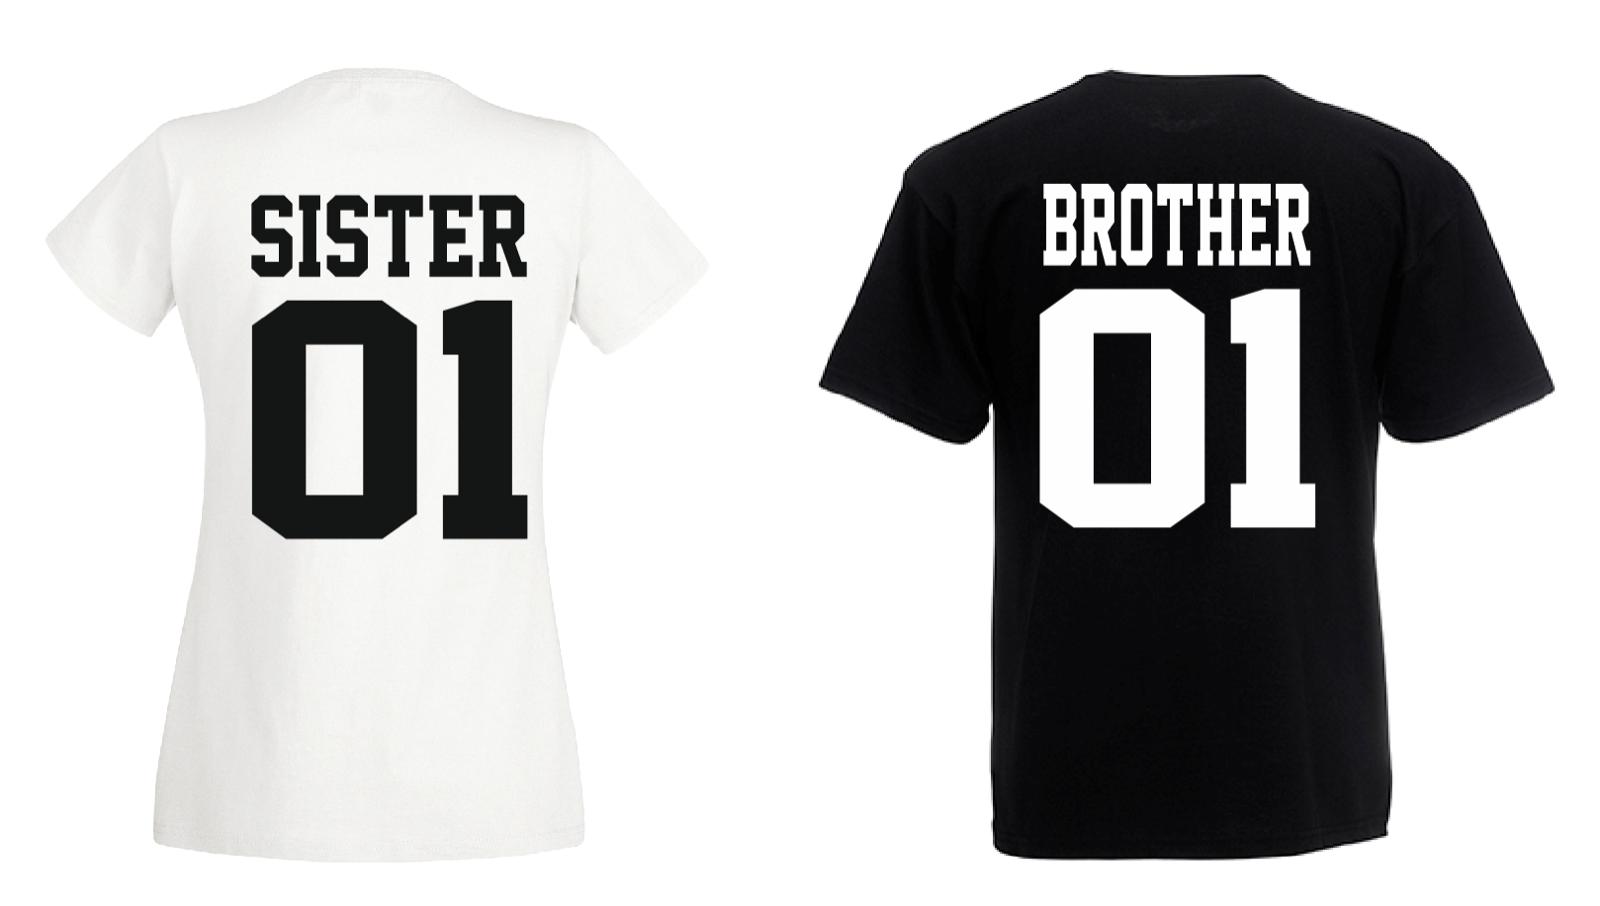 Brother & Sister - T Shirt Set - Geschwister Beste Freunde Bruder - DOPPELPACK - 3